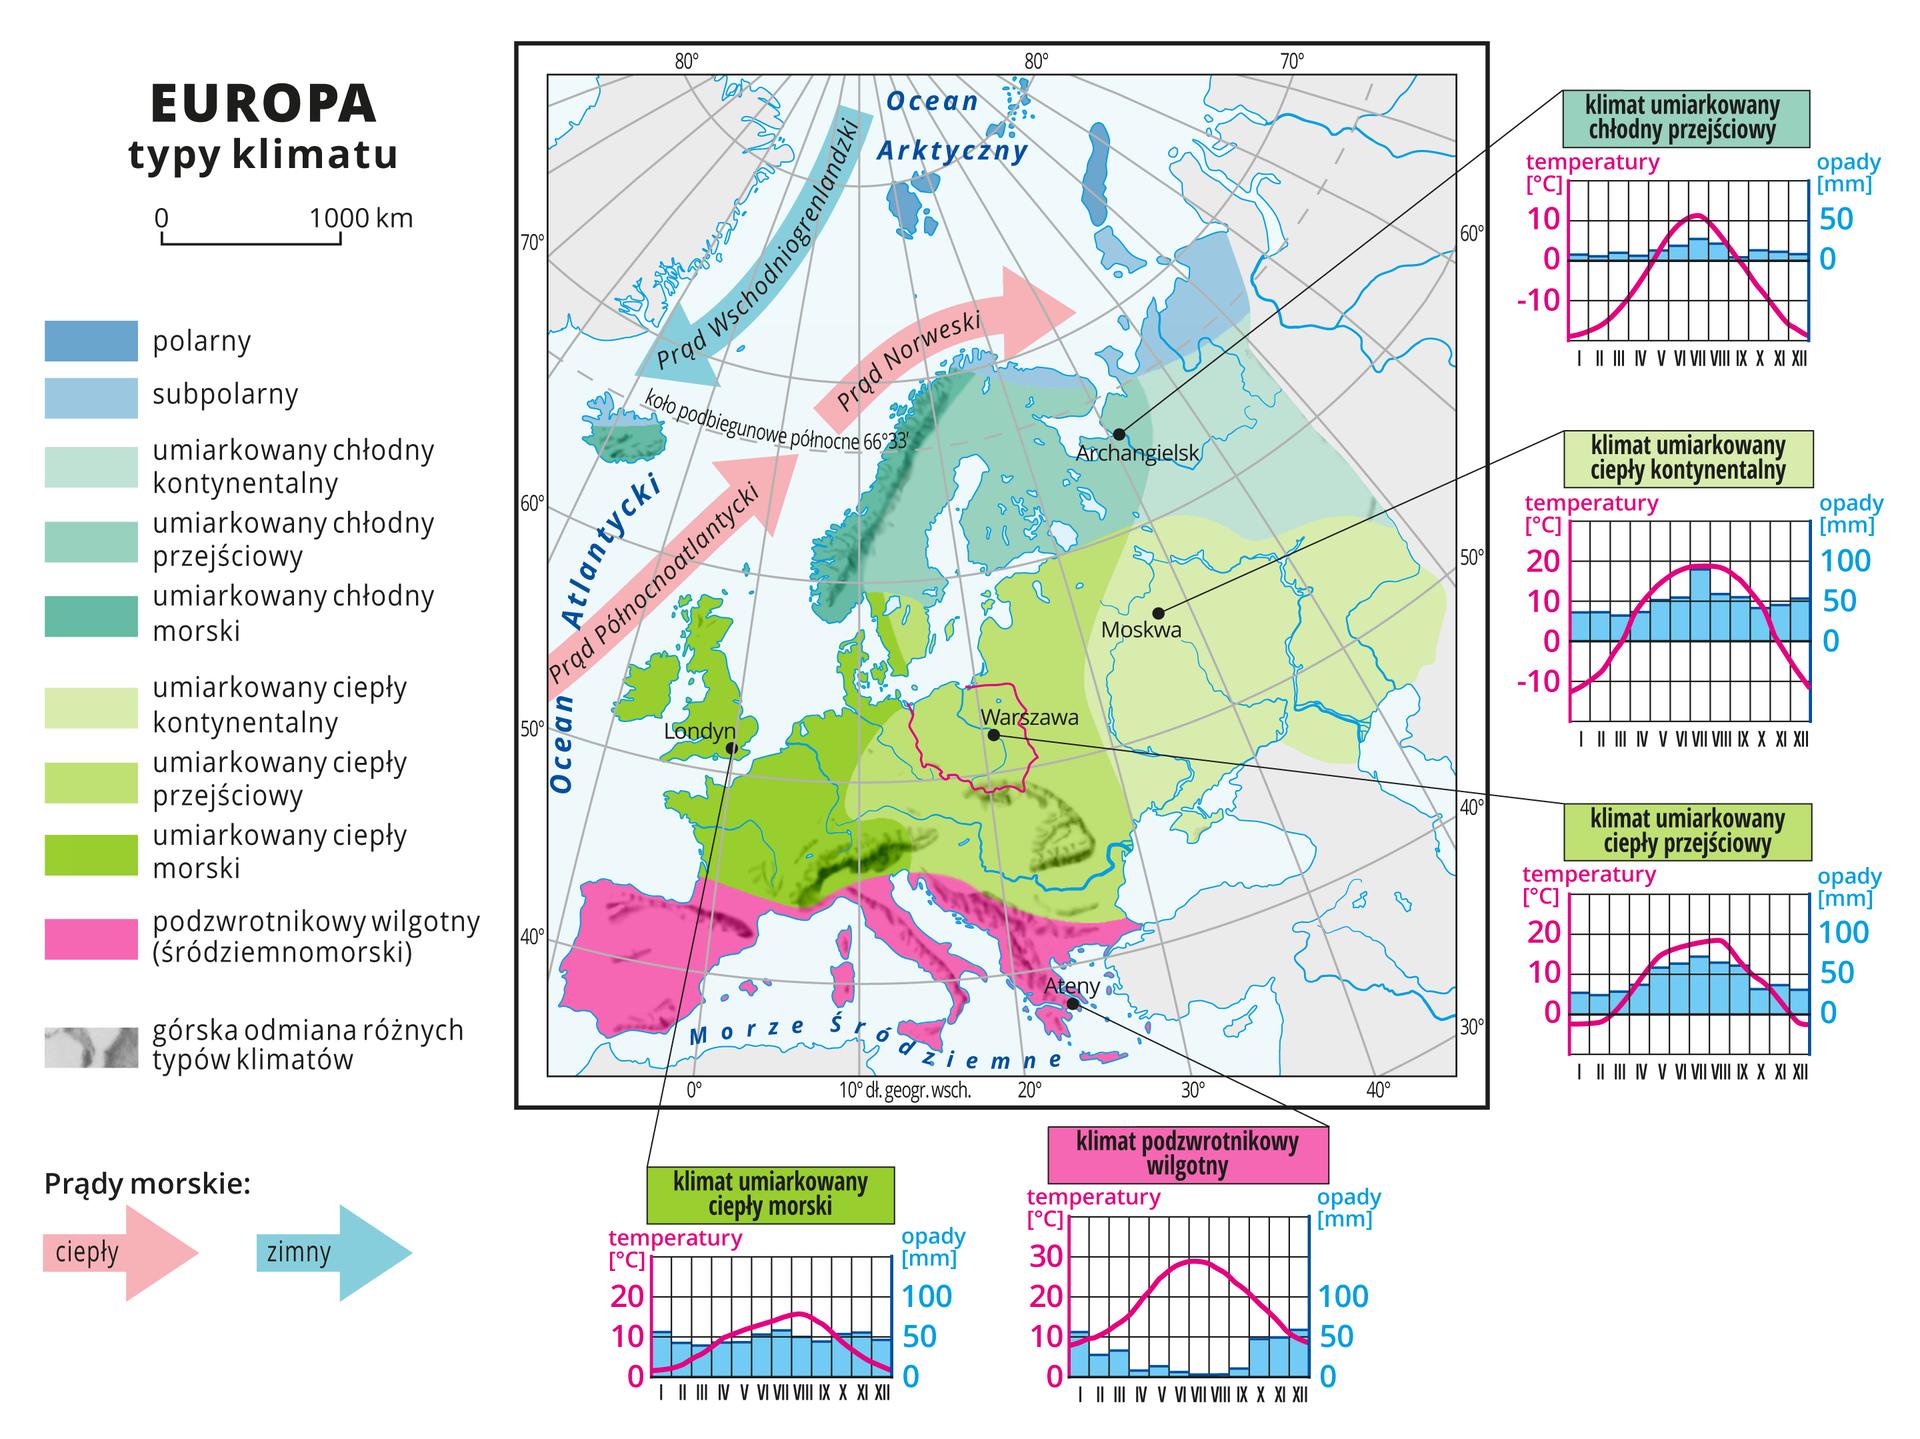 Ilustracja przedstawia mapę typów klimatu wEuropie. Kolorami oznaczono typy klimatu, układają się one pasami oprzebiegu równoleżnikowym. Na północy kontynentu klimat polarny isubpolarny, dalej na południe umiarkowany chłodny odmiana kontynentalna, przejściowa imorska). Od szerokości geograficznej północnej sześćdziesiąt stopni klimat umiarkowany ciepły (w trzech odmianach wzależności od odległości od wybrzeży), na tym tle kontur Polski zzaznaczoną Warszawą. Na południu Europy (Półwyspy Iberyjski, Apeniński iBałkański) klimat podzwrotnikowy wilgotny (śródziemnomorski). Ciepłe prądy morskie opływają zachodnie wybrzeże wkierunku północnym, azimny Prąd Wschodniogrenlandzki płynie zpółnocy na południe. Na mapie południki irównoleżniki. Dookoła mapy wbiałej ramce opisano współrzędne geograficzne co dziesięć stopni. Wlegendzie umieszczono iopisano kolory użyte na mapie. Zprawej strony mapy ina dole pięć diagramów klimatycznych dla charakterystycznych stacji zkażdej strefy klimatycznej. Połączone liniami zmiejscowościami na mapie. Różnią się wysokością słupków obrazujących wielkość opadów iprzebiegiem wykresów temperatur.